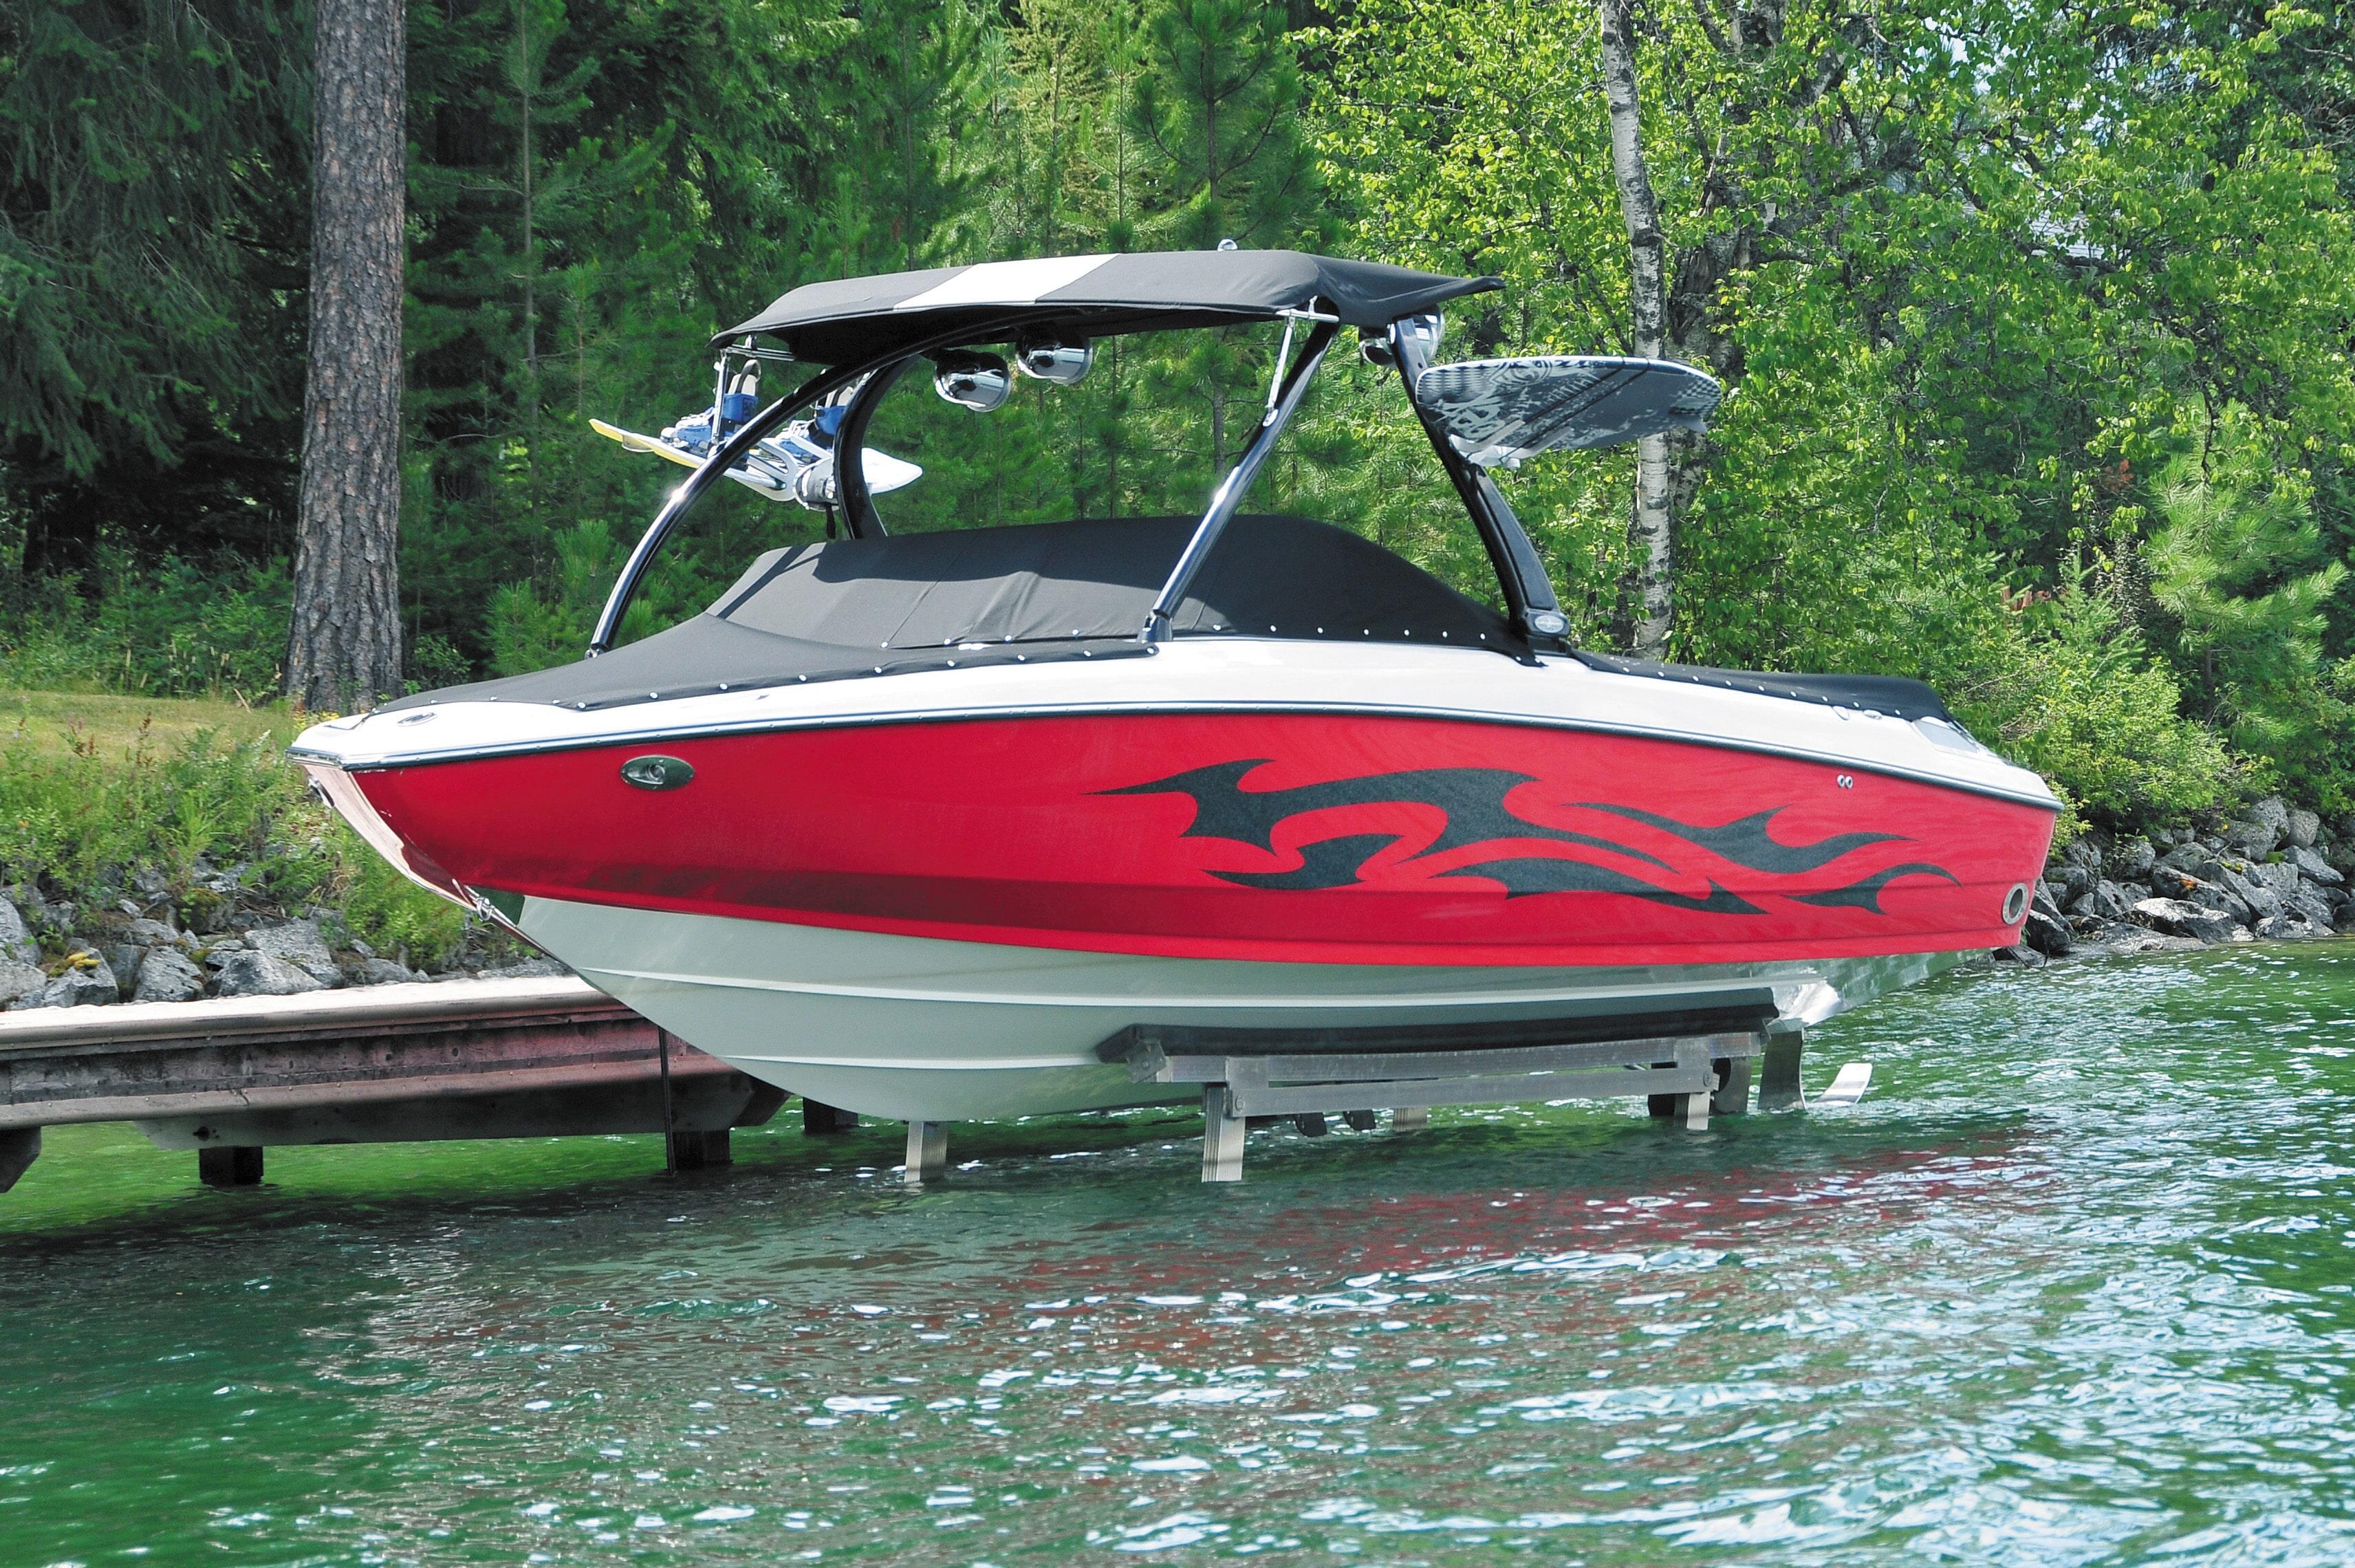 Boat Lifts - Boat Docks